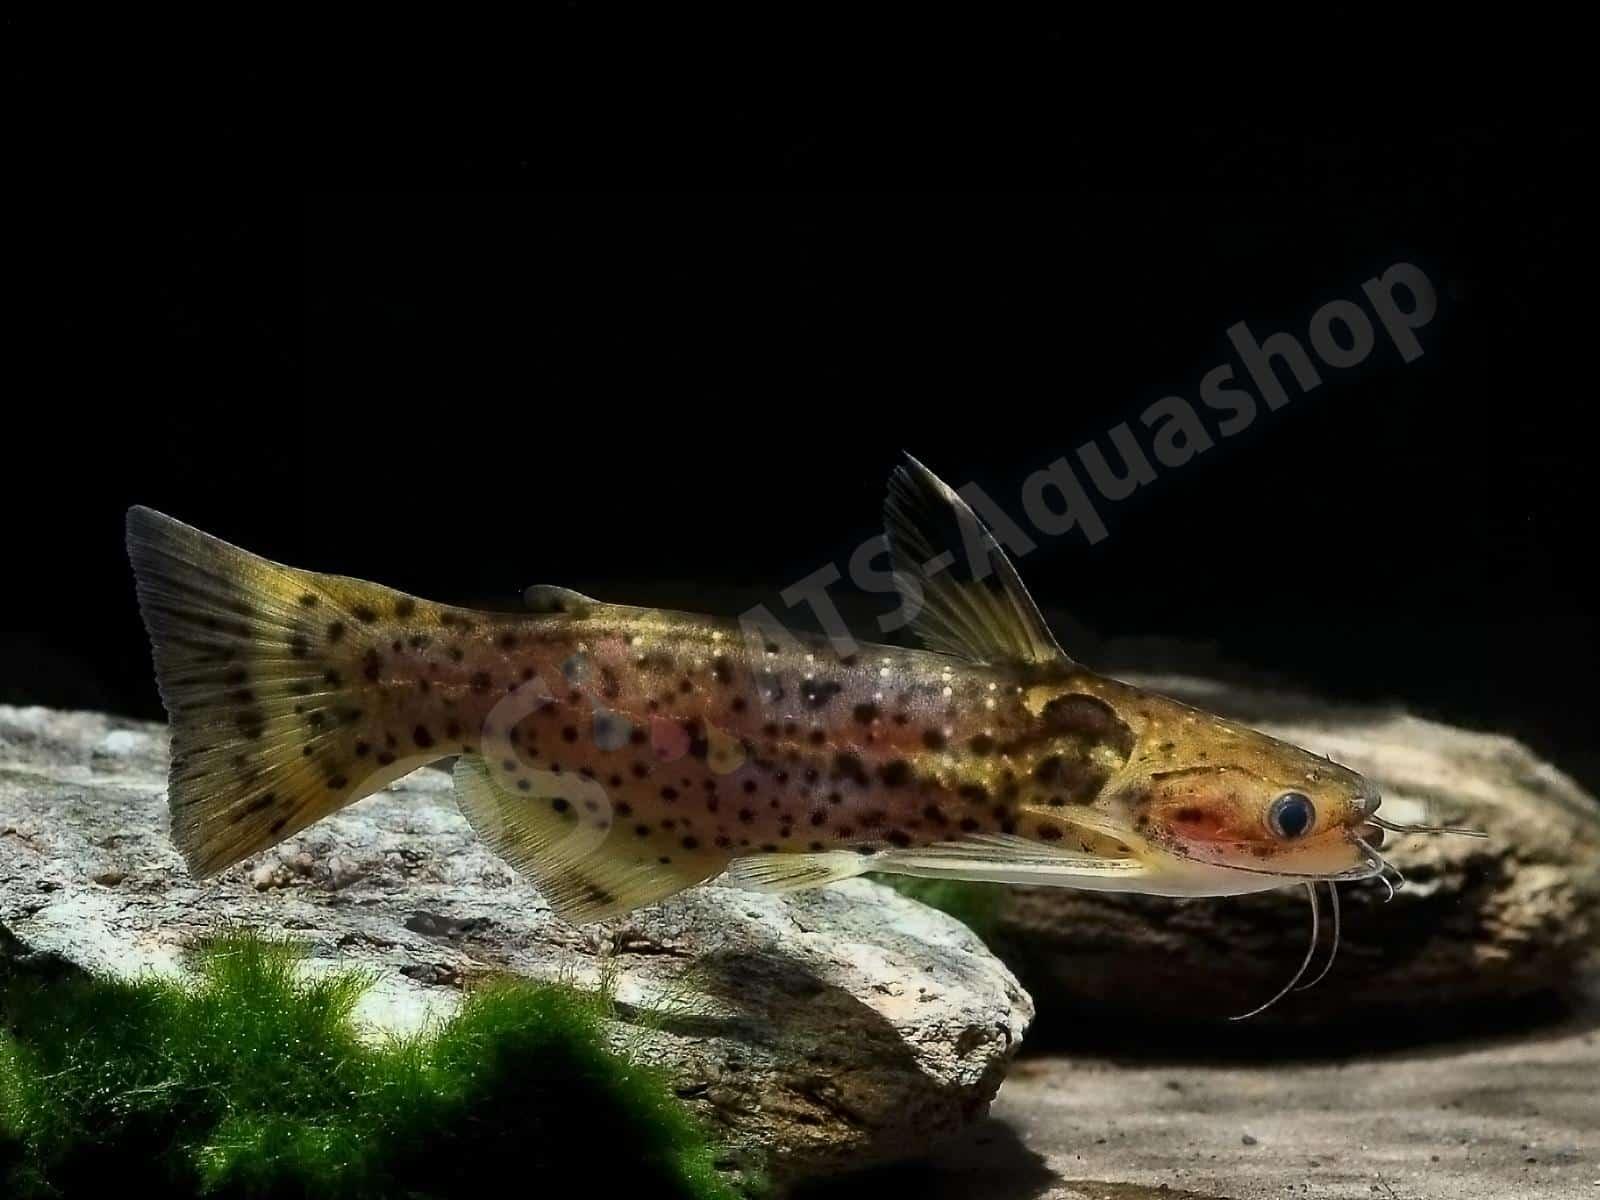 auchenipterichtys punctatus enrico richter 0084 6